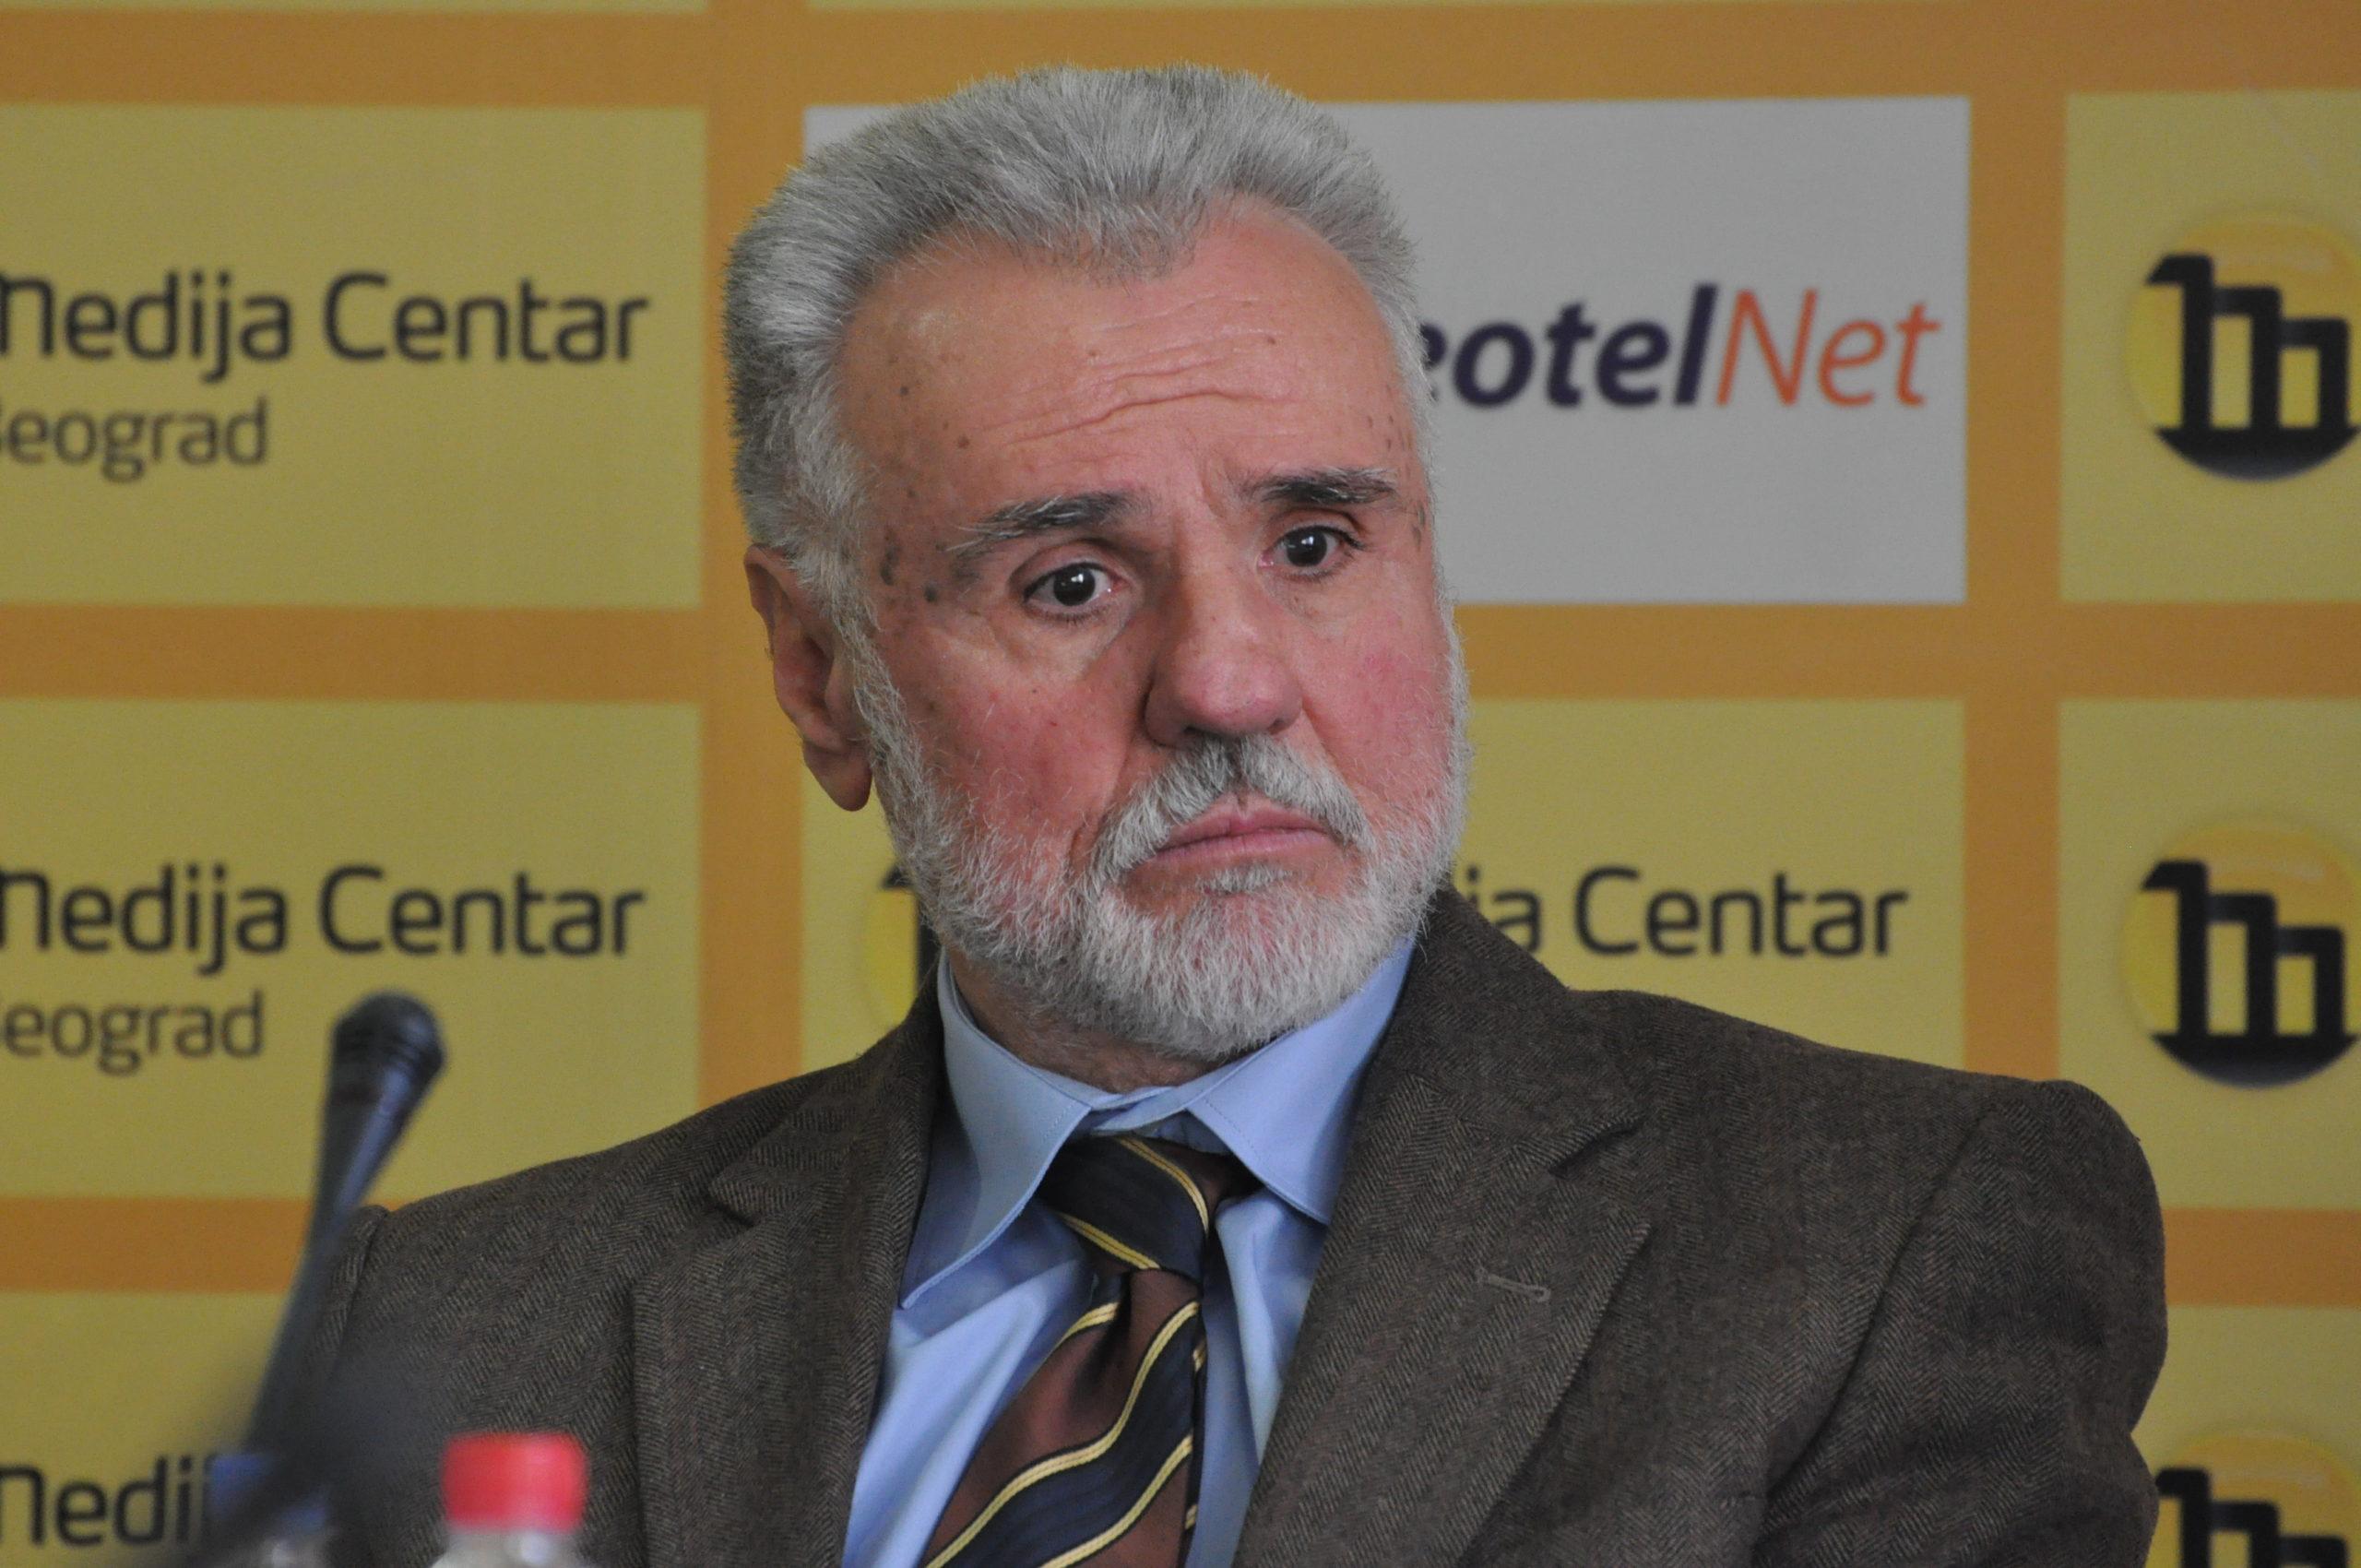 Prof. dr Jovan Komšić,, redovni profesor sociologije u penziji na Univerzitetu u Novom Sadu: Događanje pravoslavnog naroda